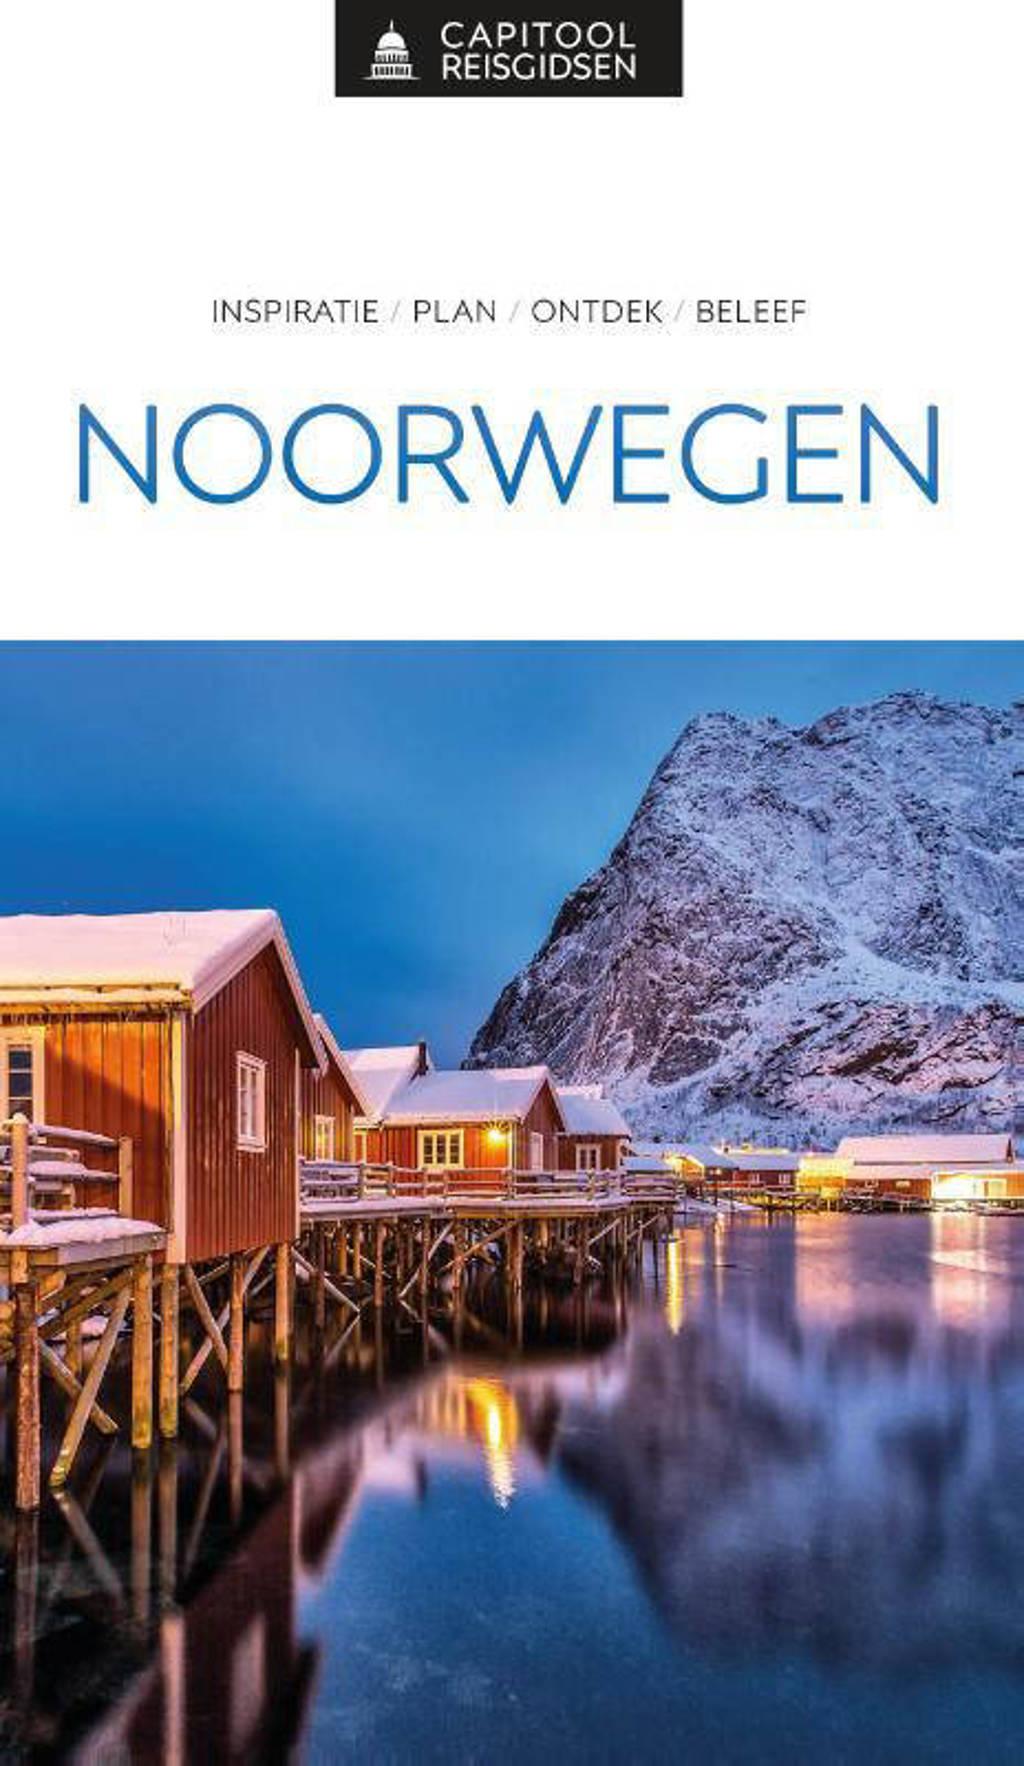 Capitool reisgidsen: Noorwegen - Capitool